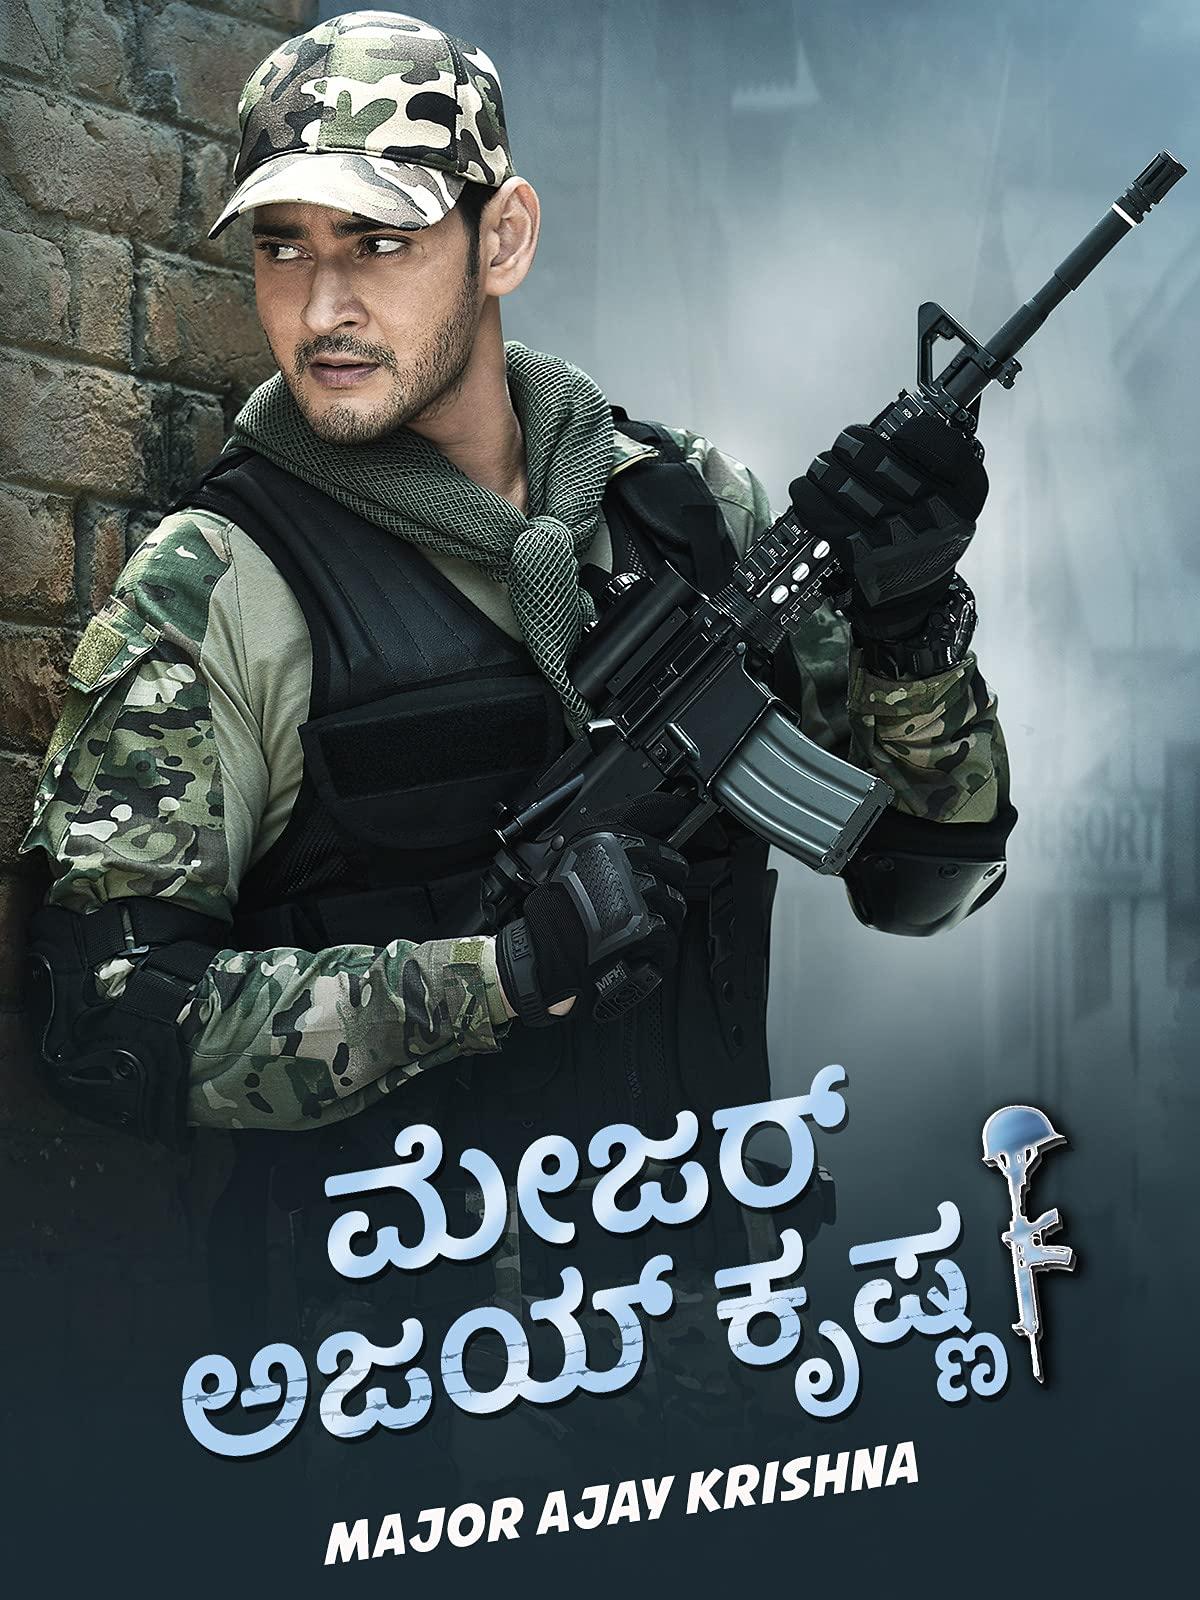 Major Ajay Krishna